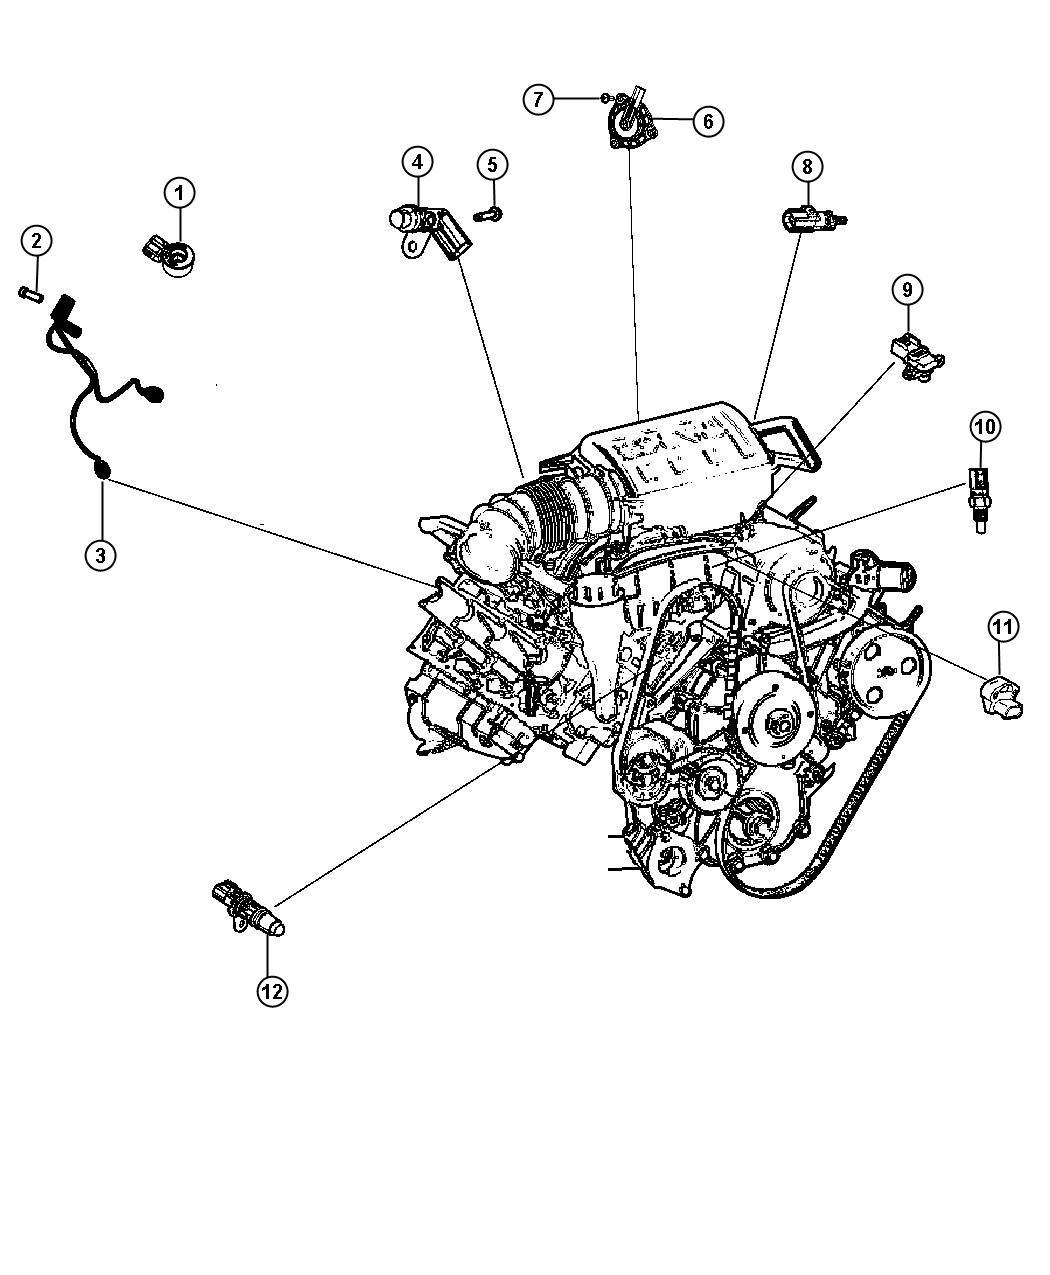 starter wiring diagram for 2008 jk wrangler